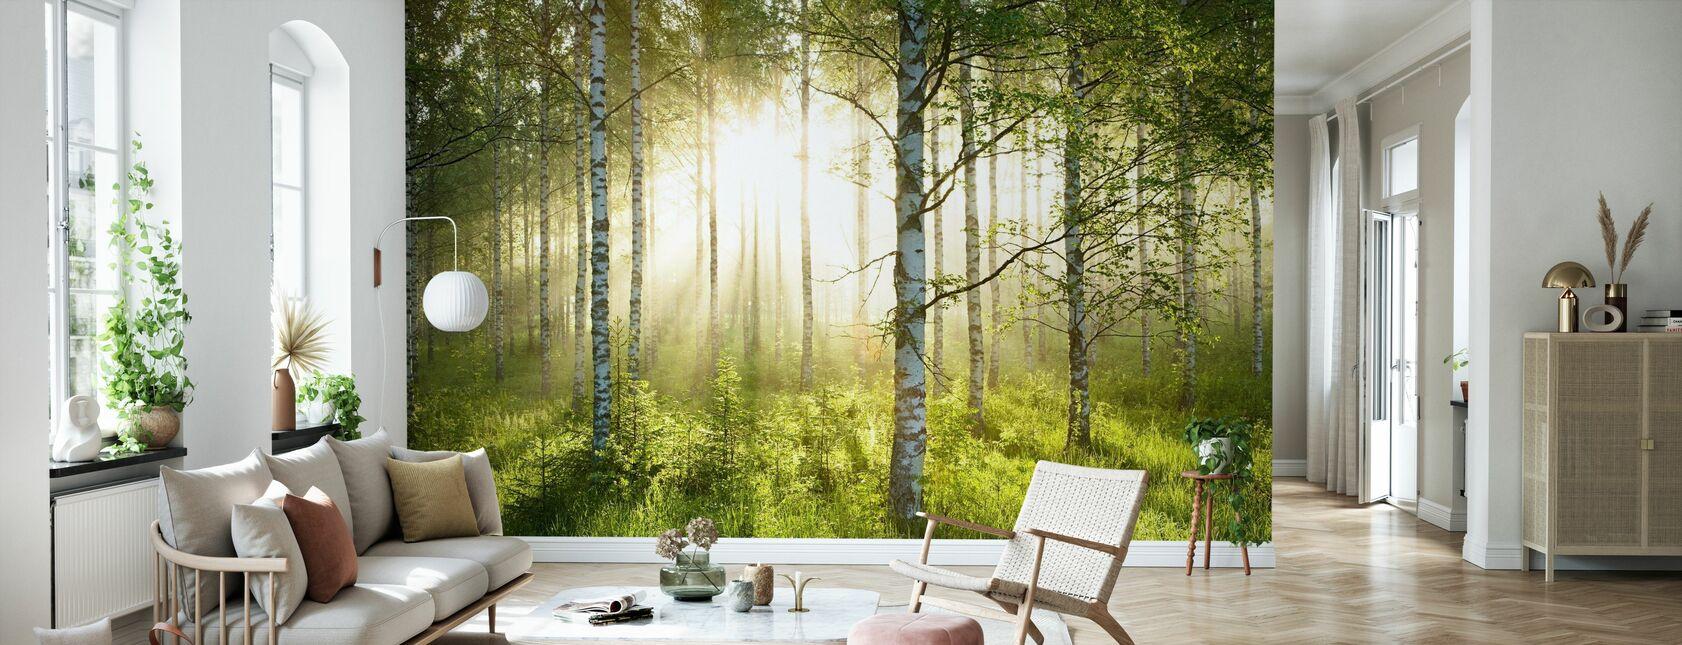 Björk Skog - Tapet - Vardagsrum